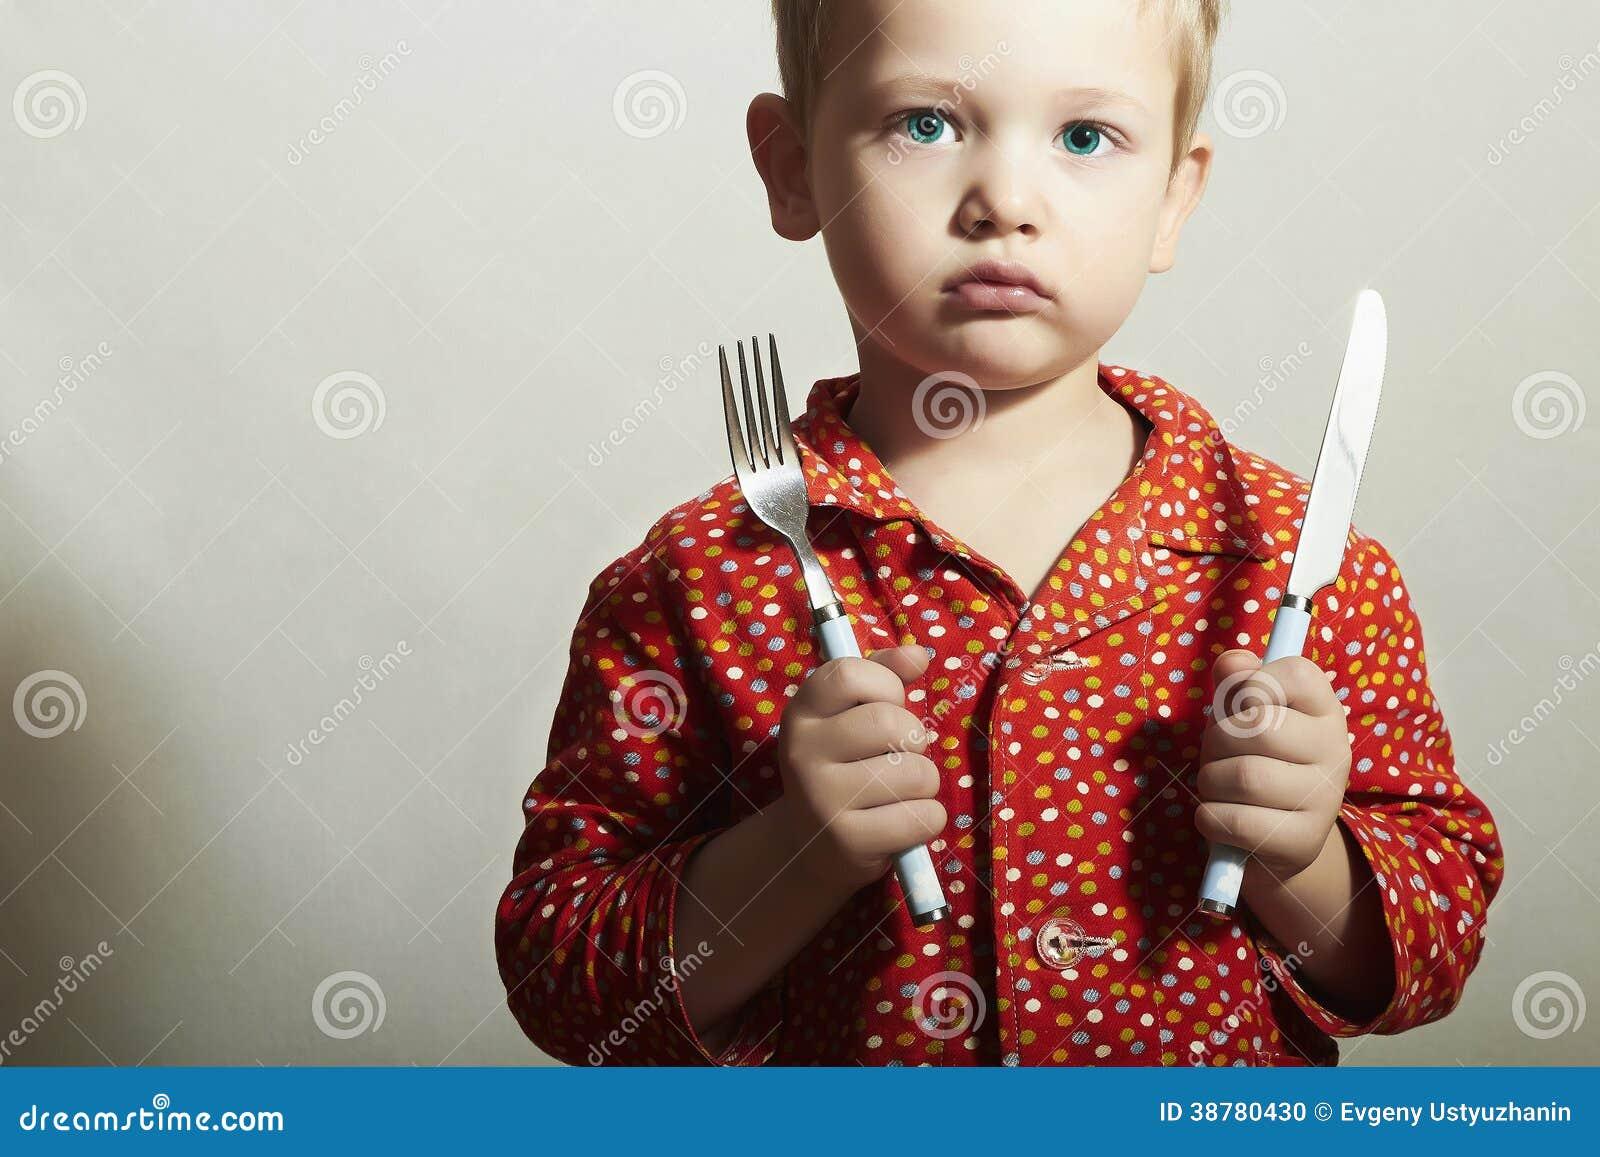 Мальчик с вилкой и Knife.Want, который нужно съесть